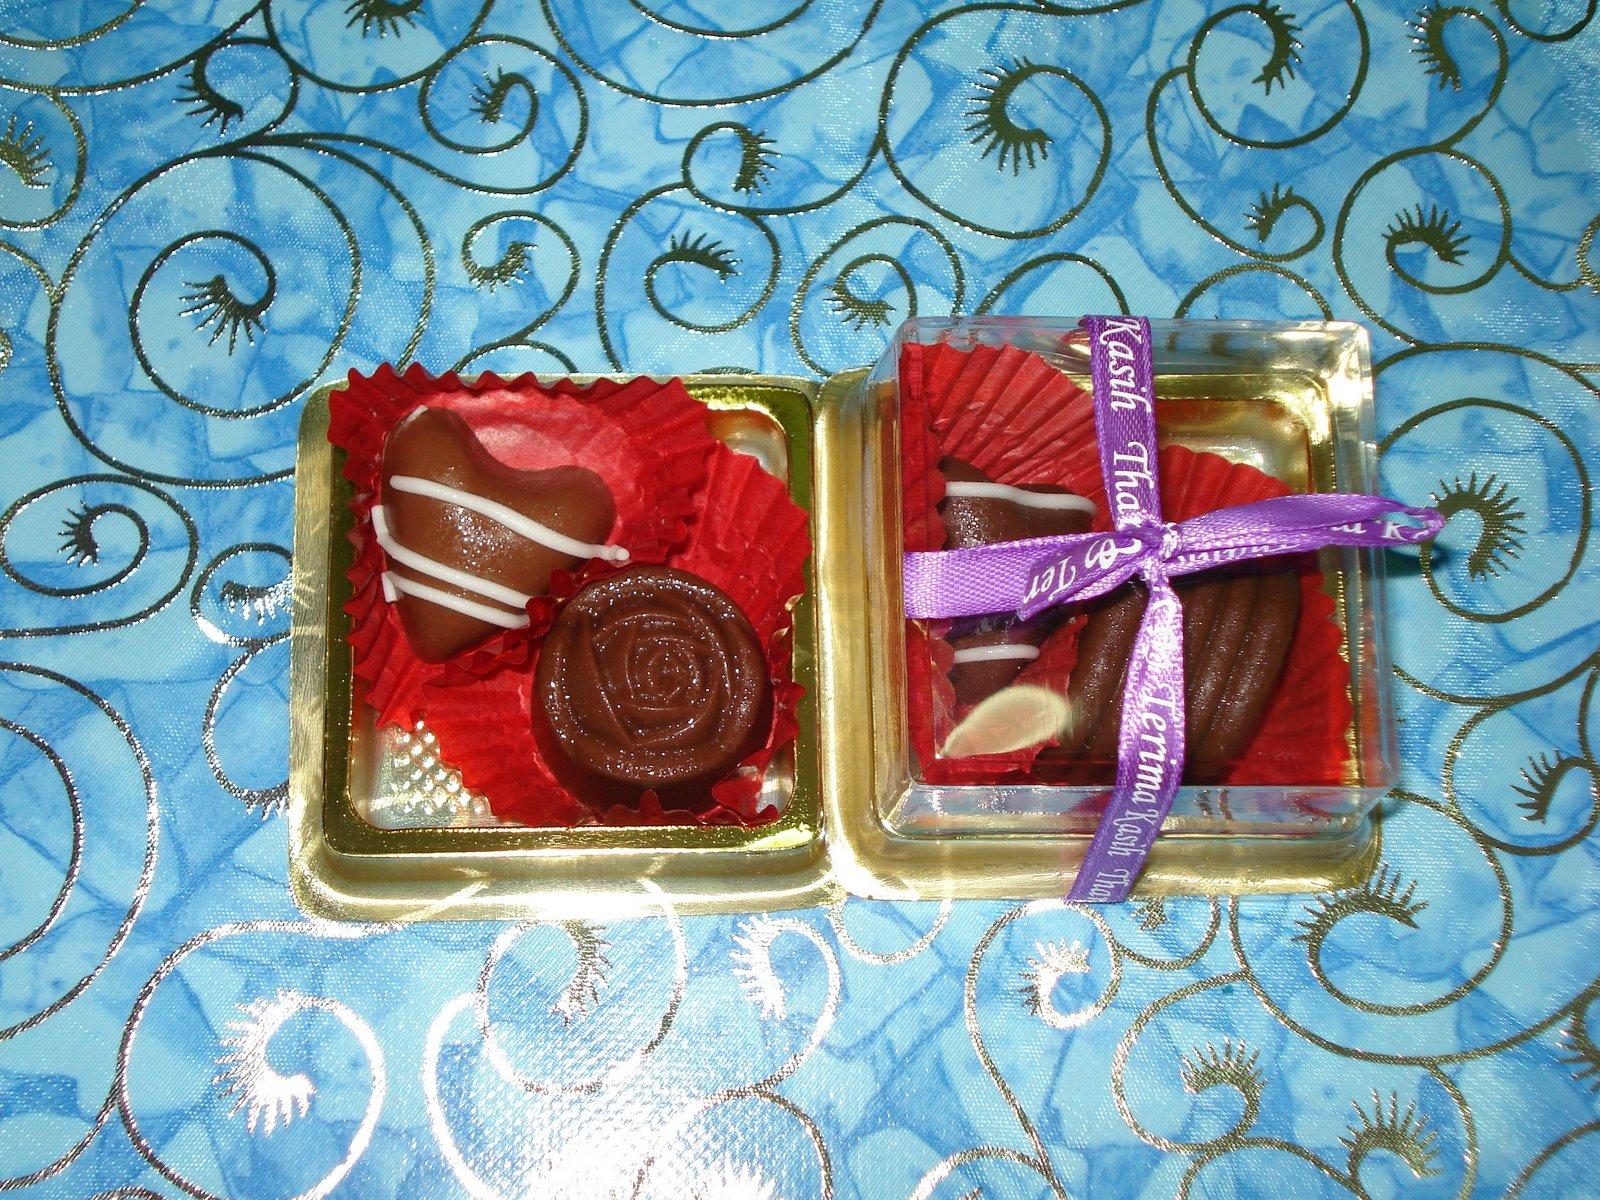 [2+pieces+door+gift.JPG]